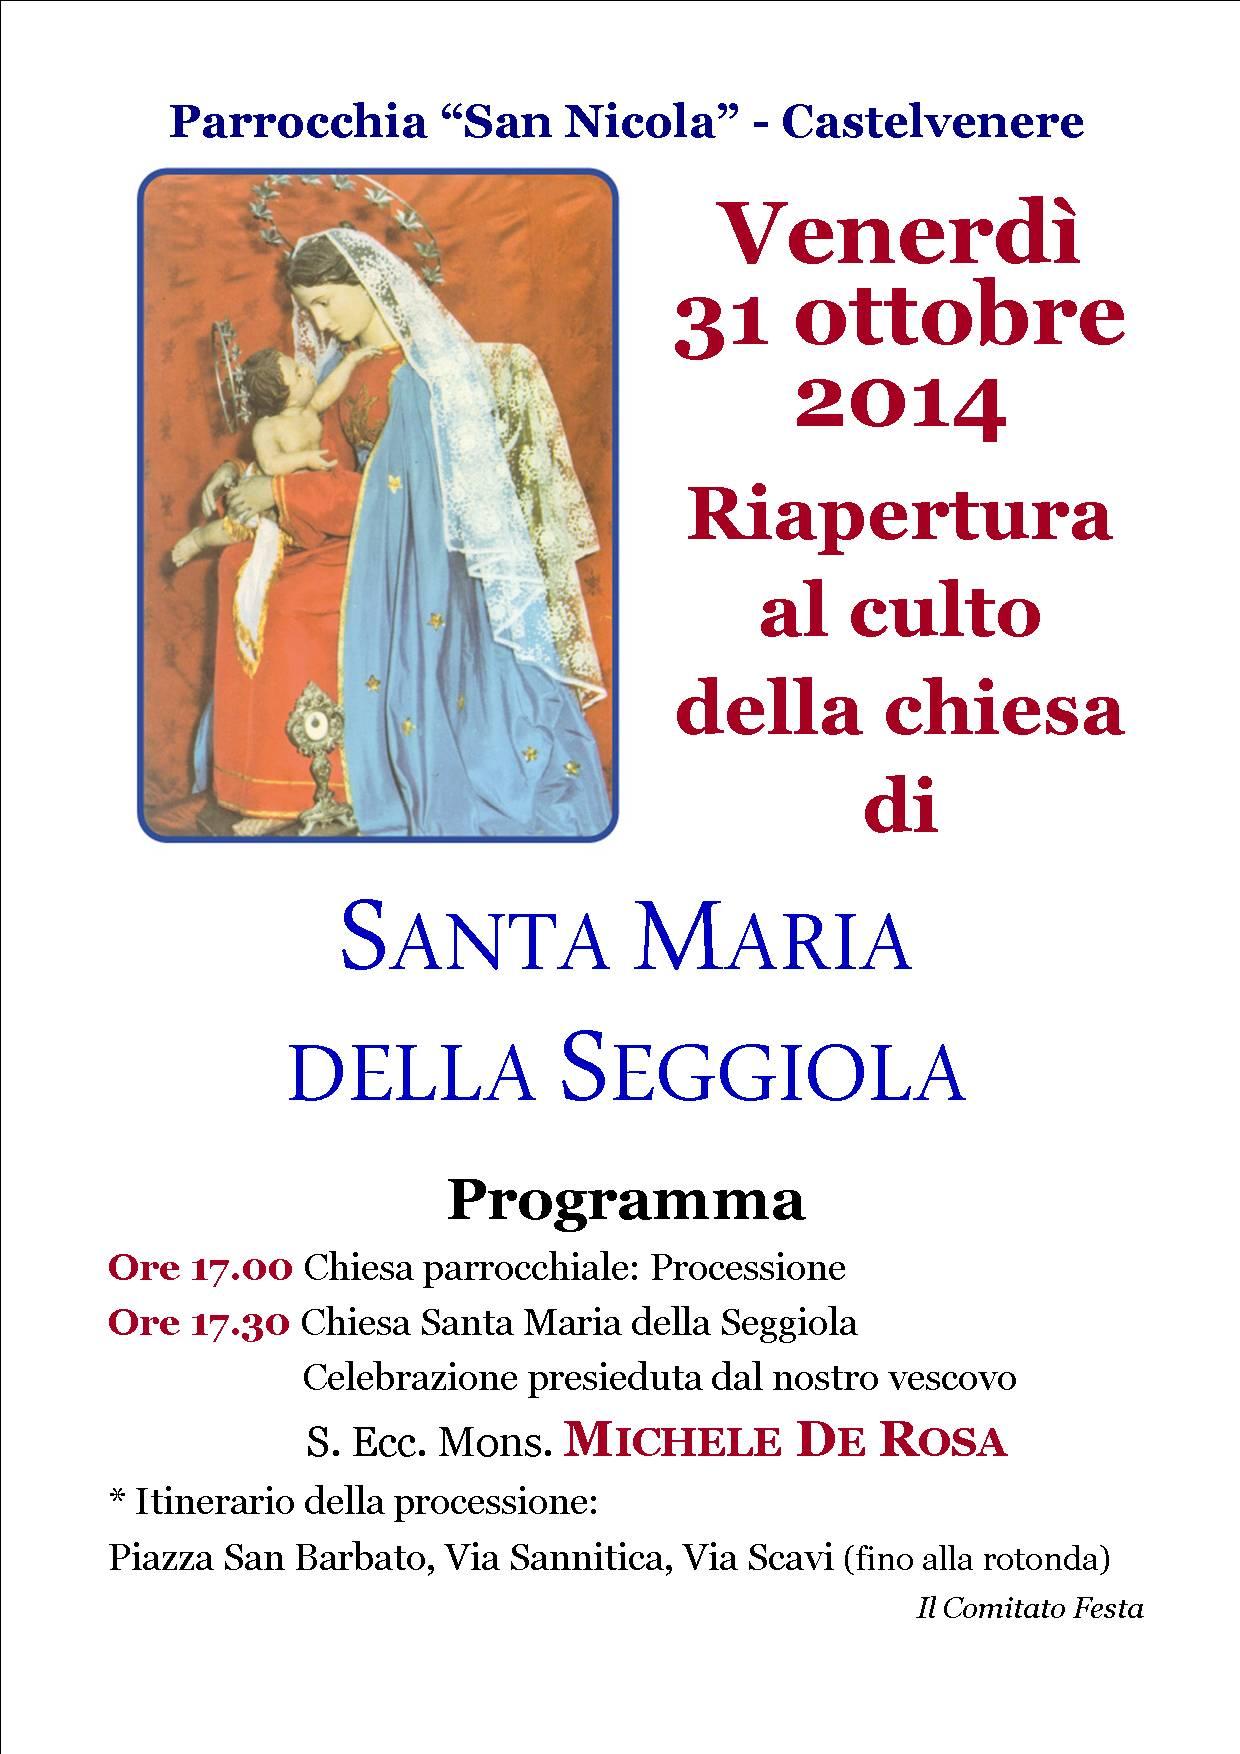 Riapertura al culto della chiesa di SANTA MARIA DELLA SEGGIOLA